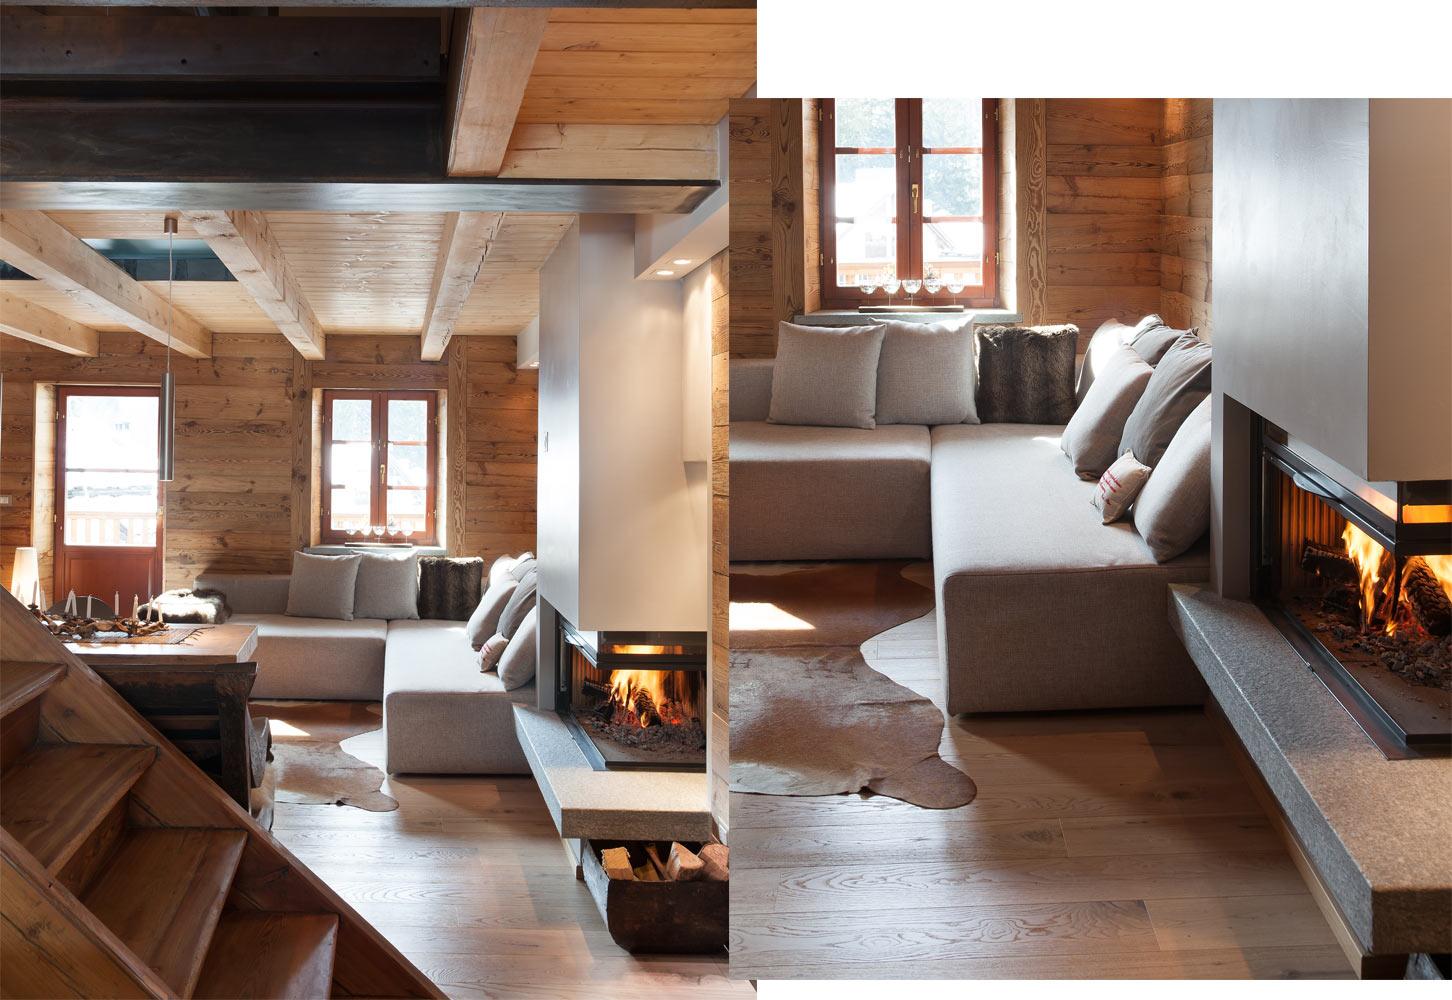 Chalet di design aosta stile rustico montagna westwing for Arredamento rustico casa